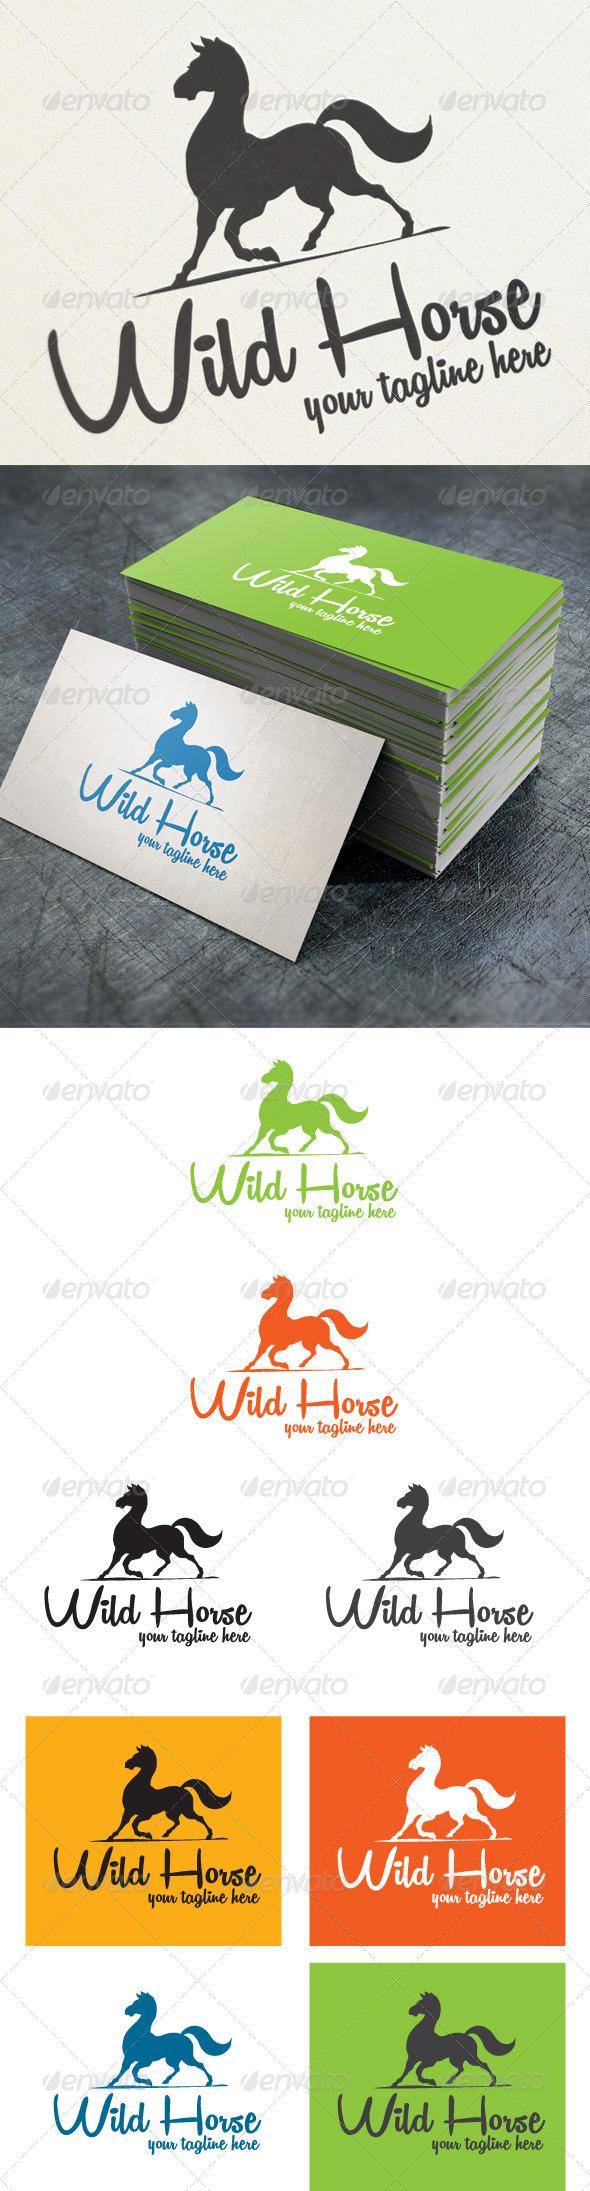 GraphicRiver Wild horse 4570161